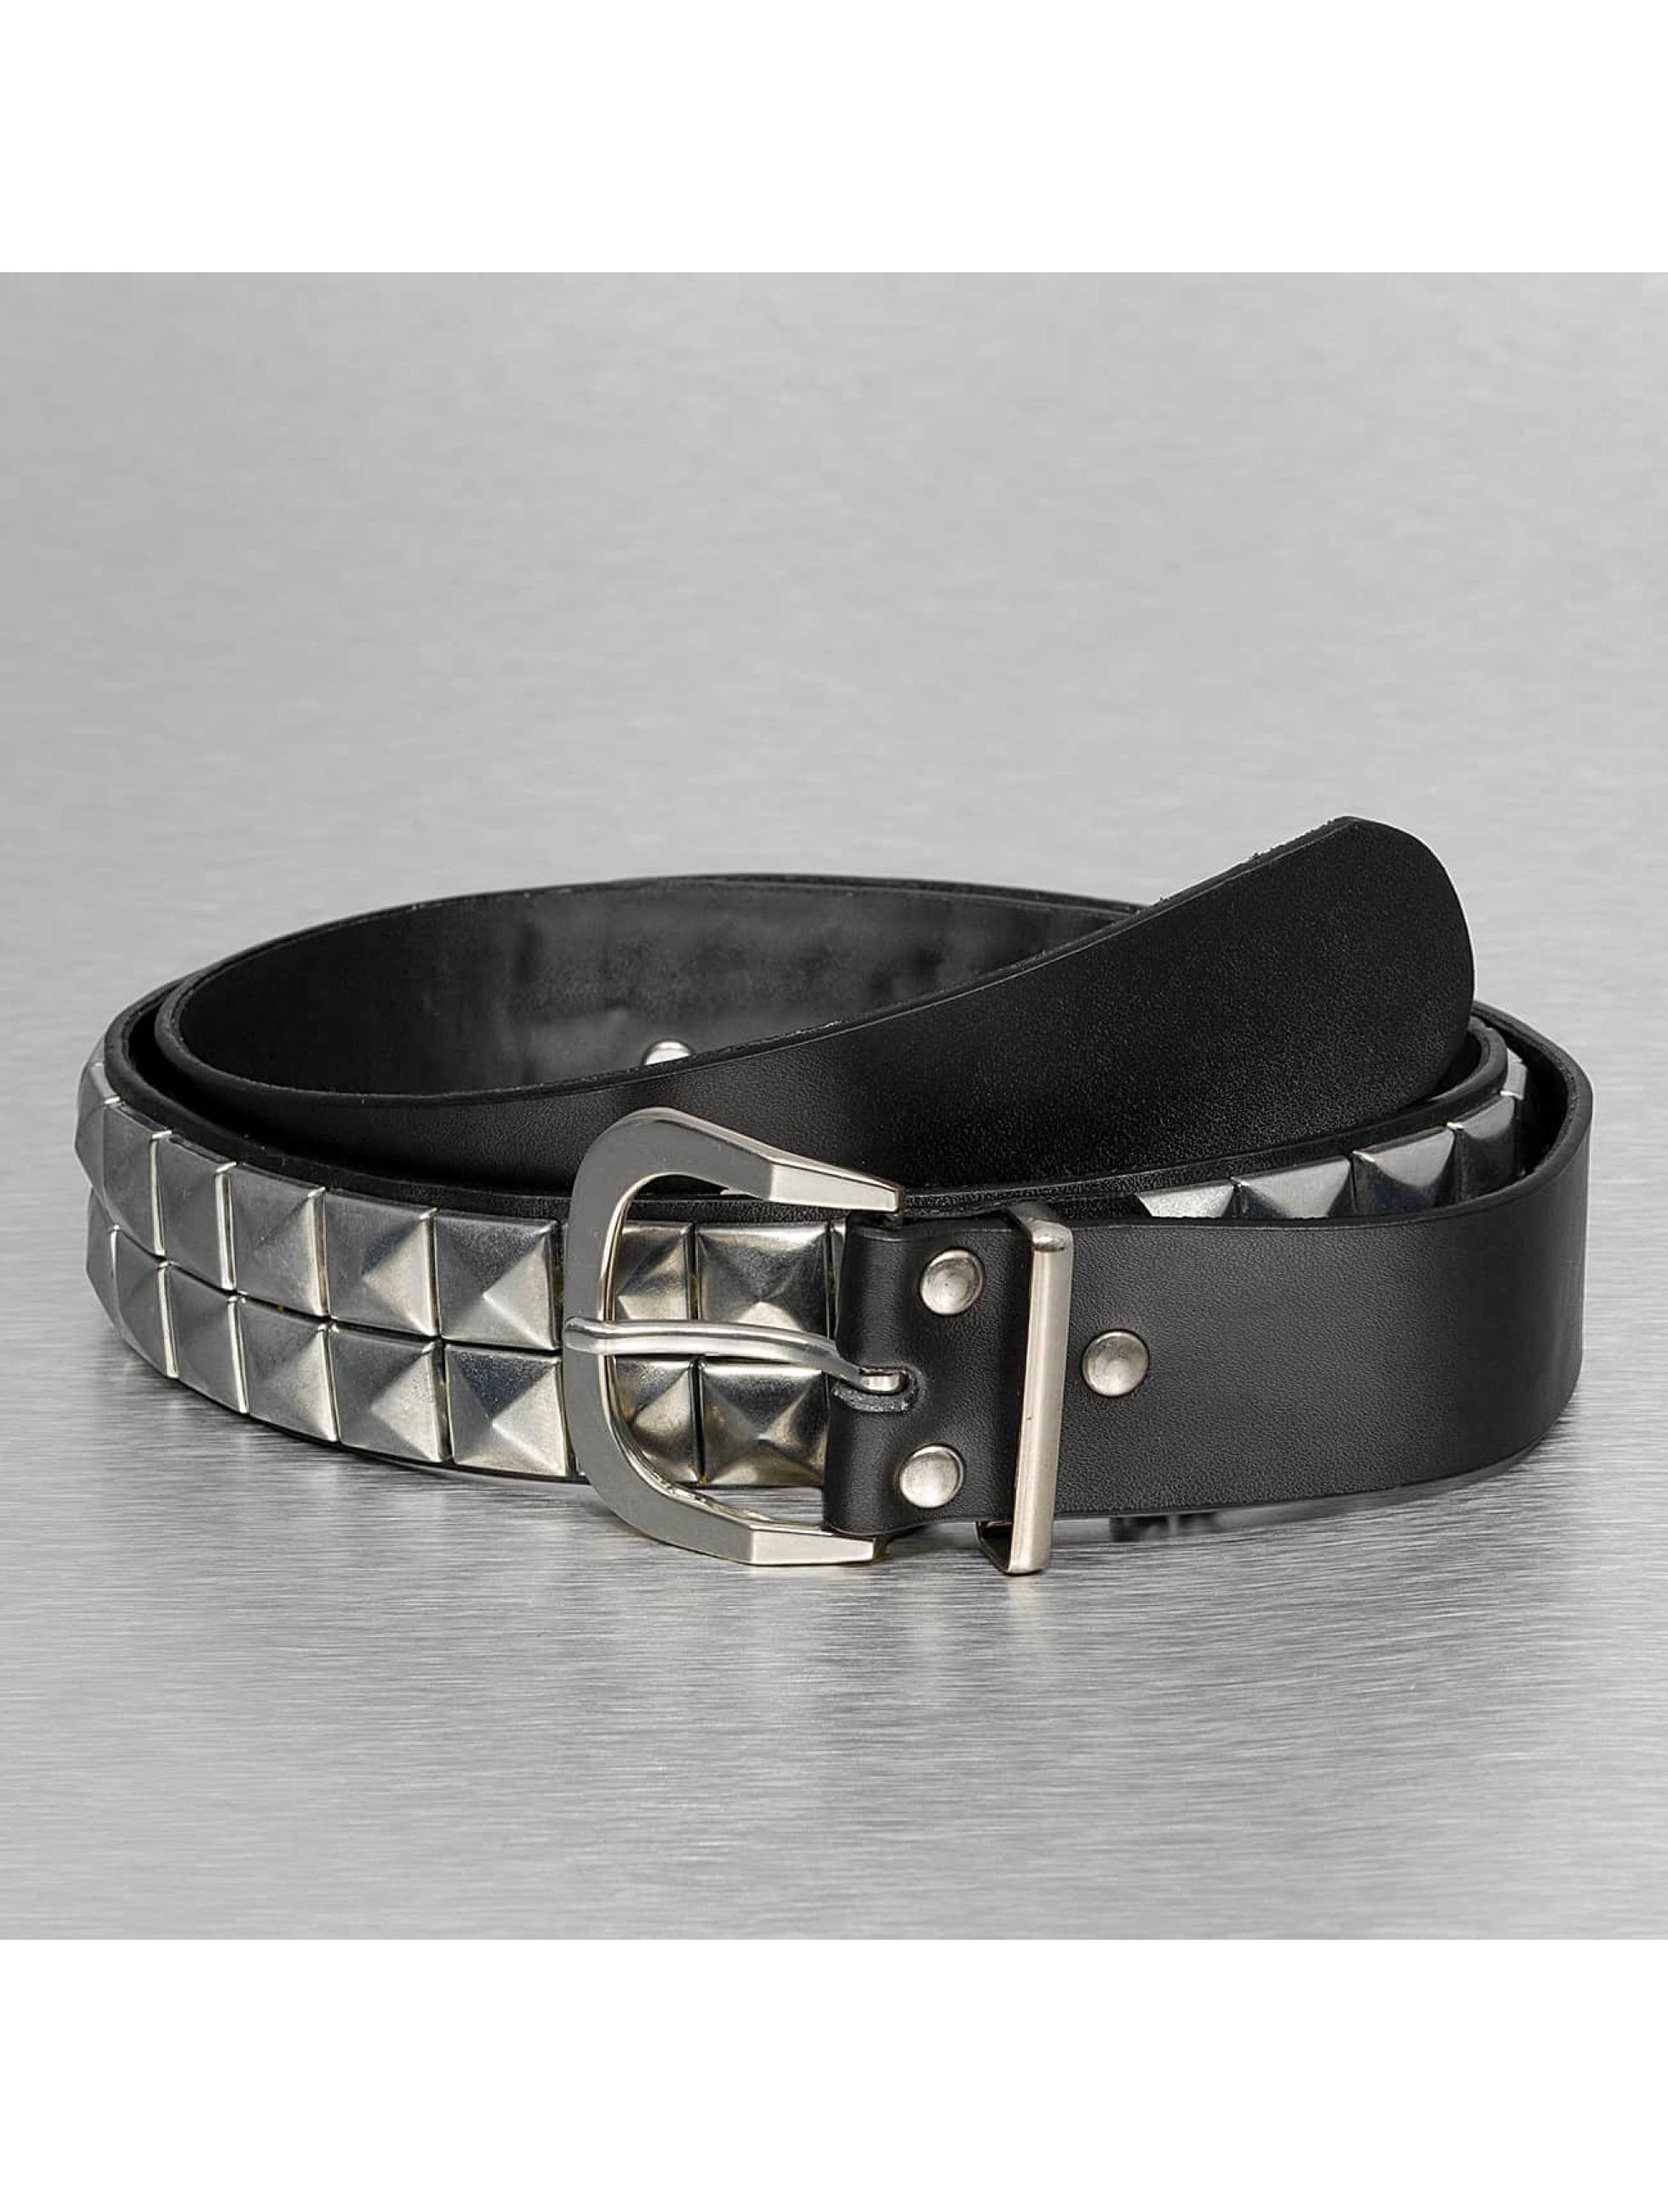 Kaiser Jewelry Männer,Frauen Gürtel 2 Row Chain in schwarz